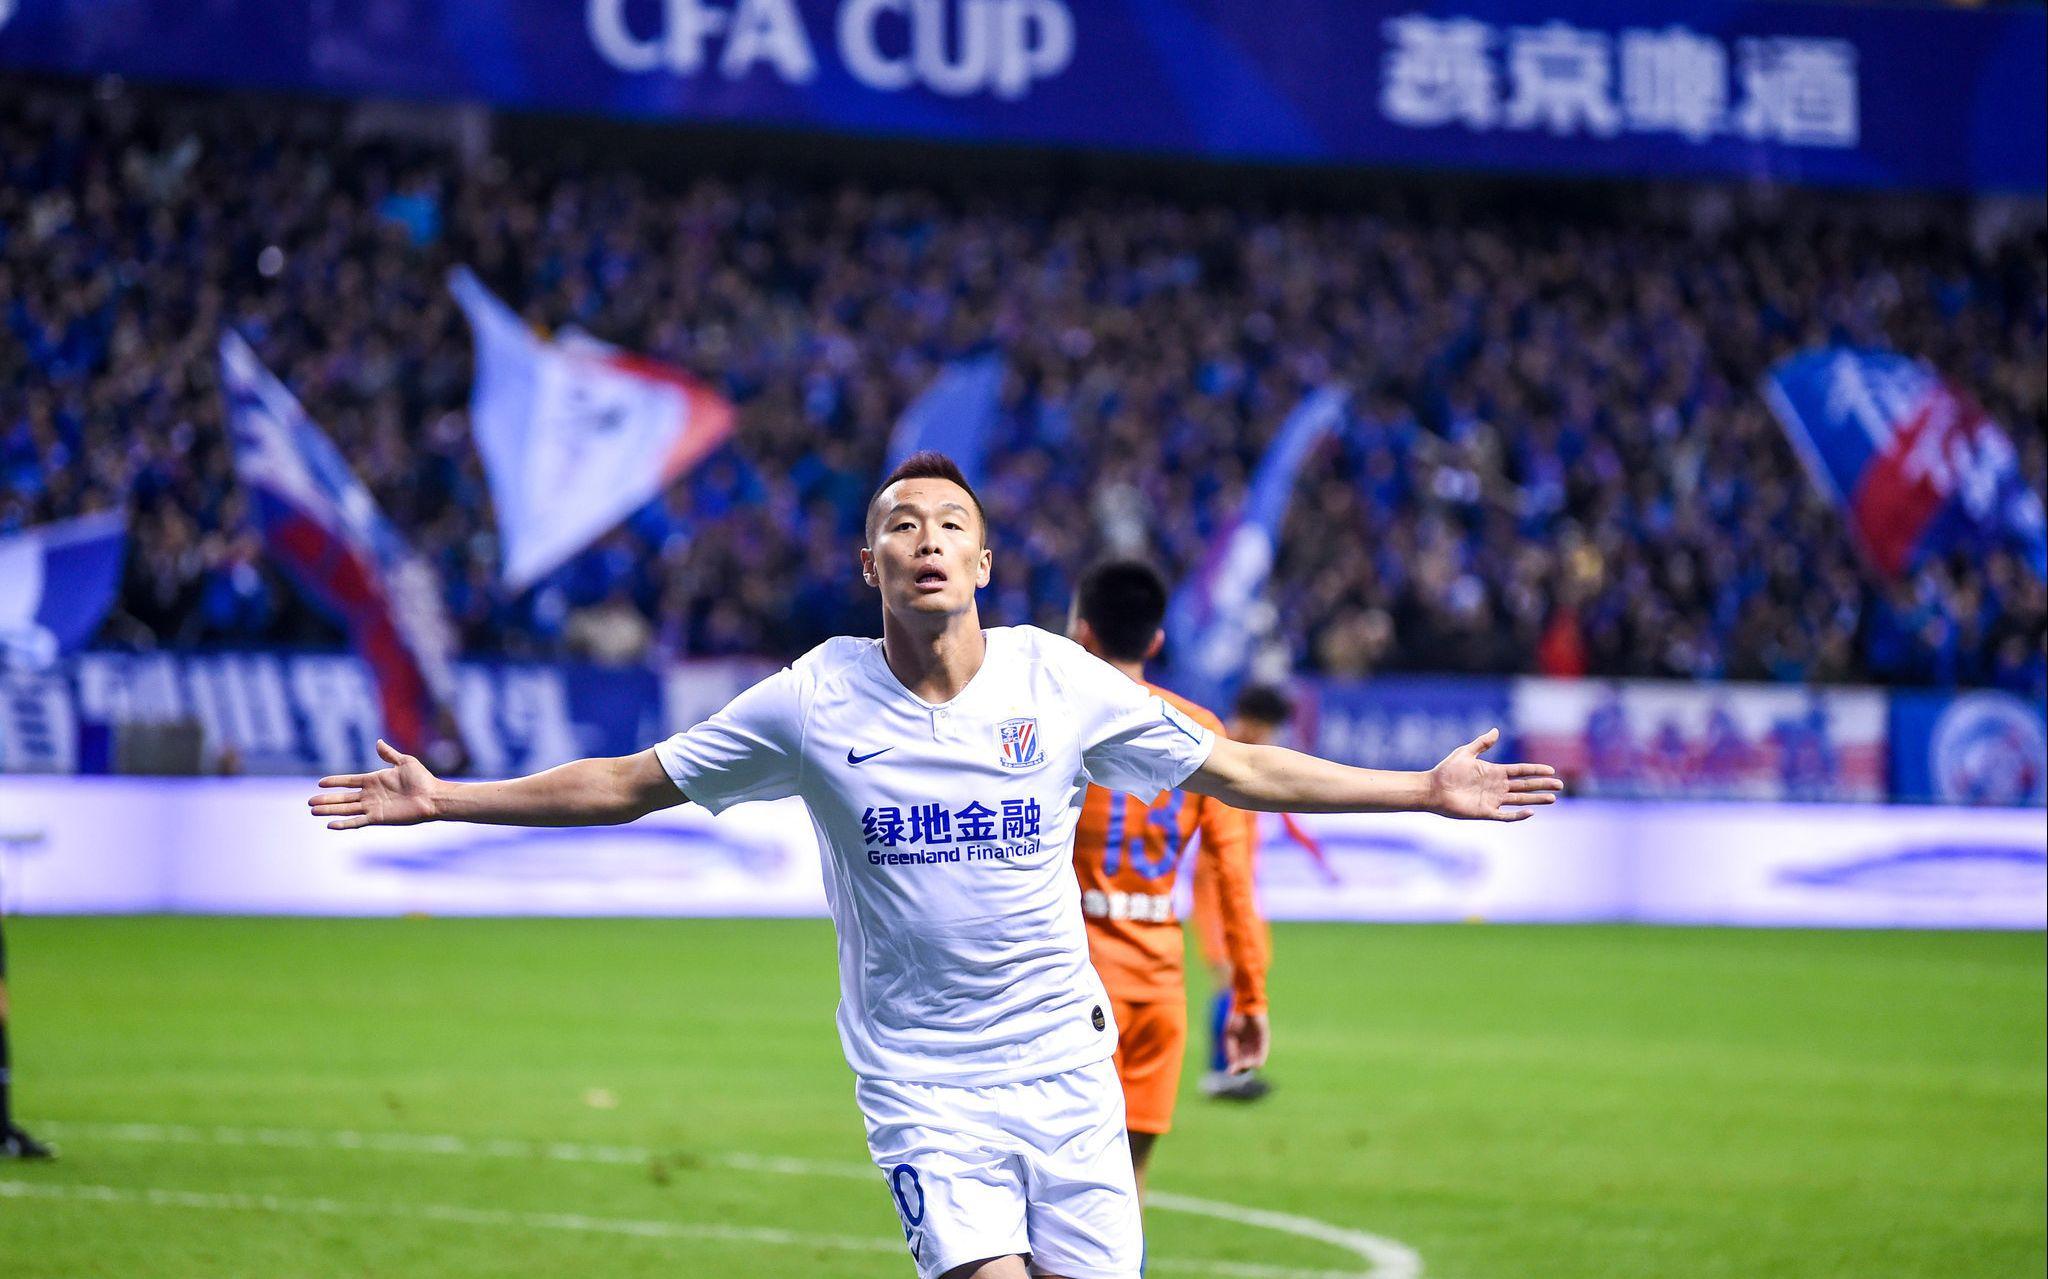 申花翻盘夺足协杯冠军鲁能连续两年